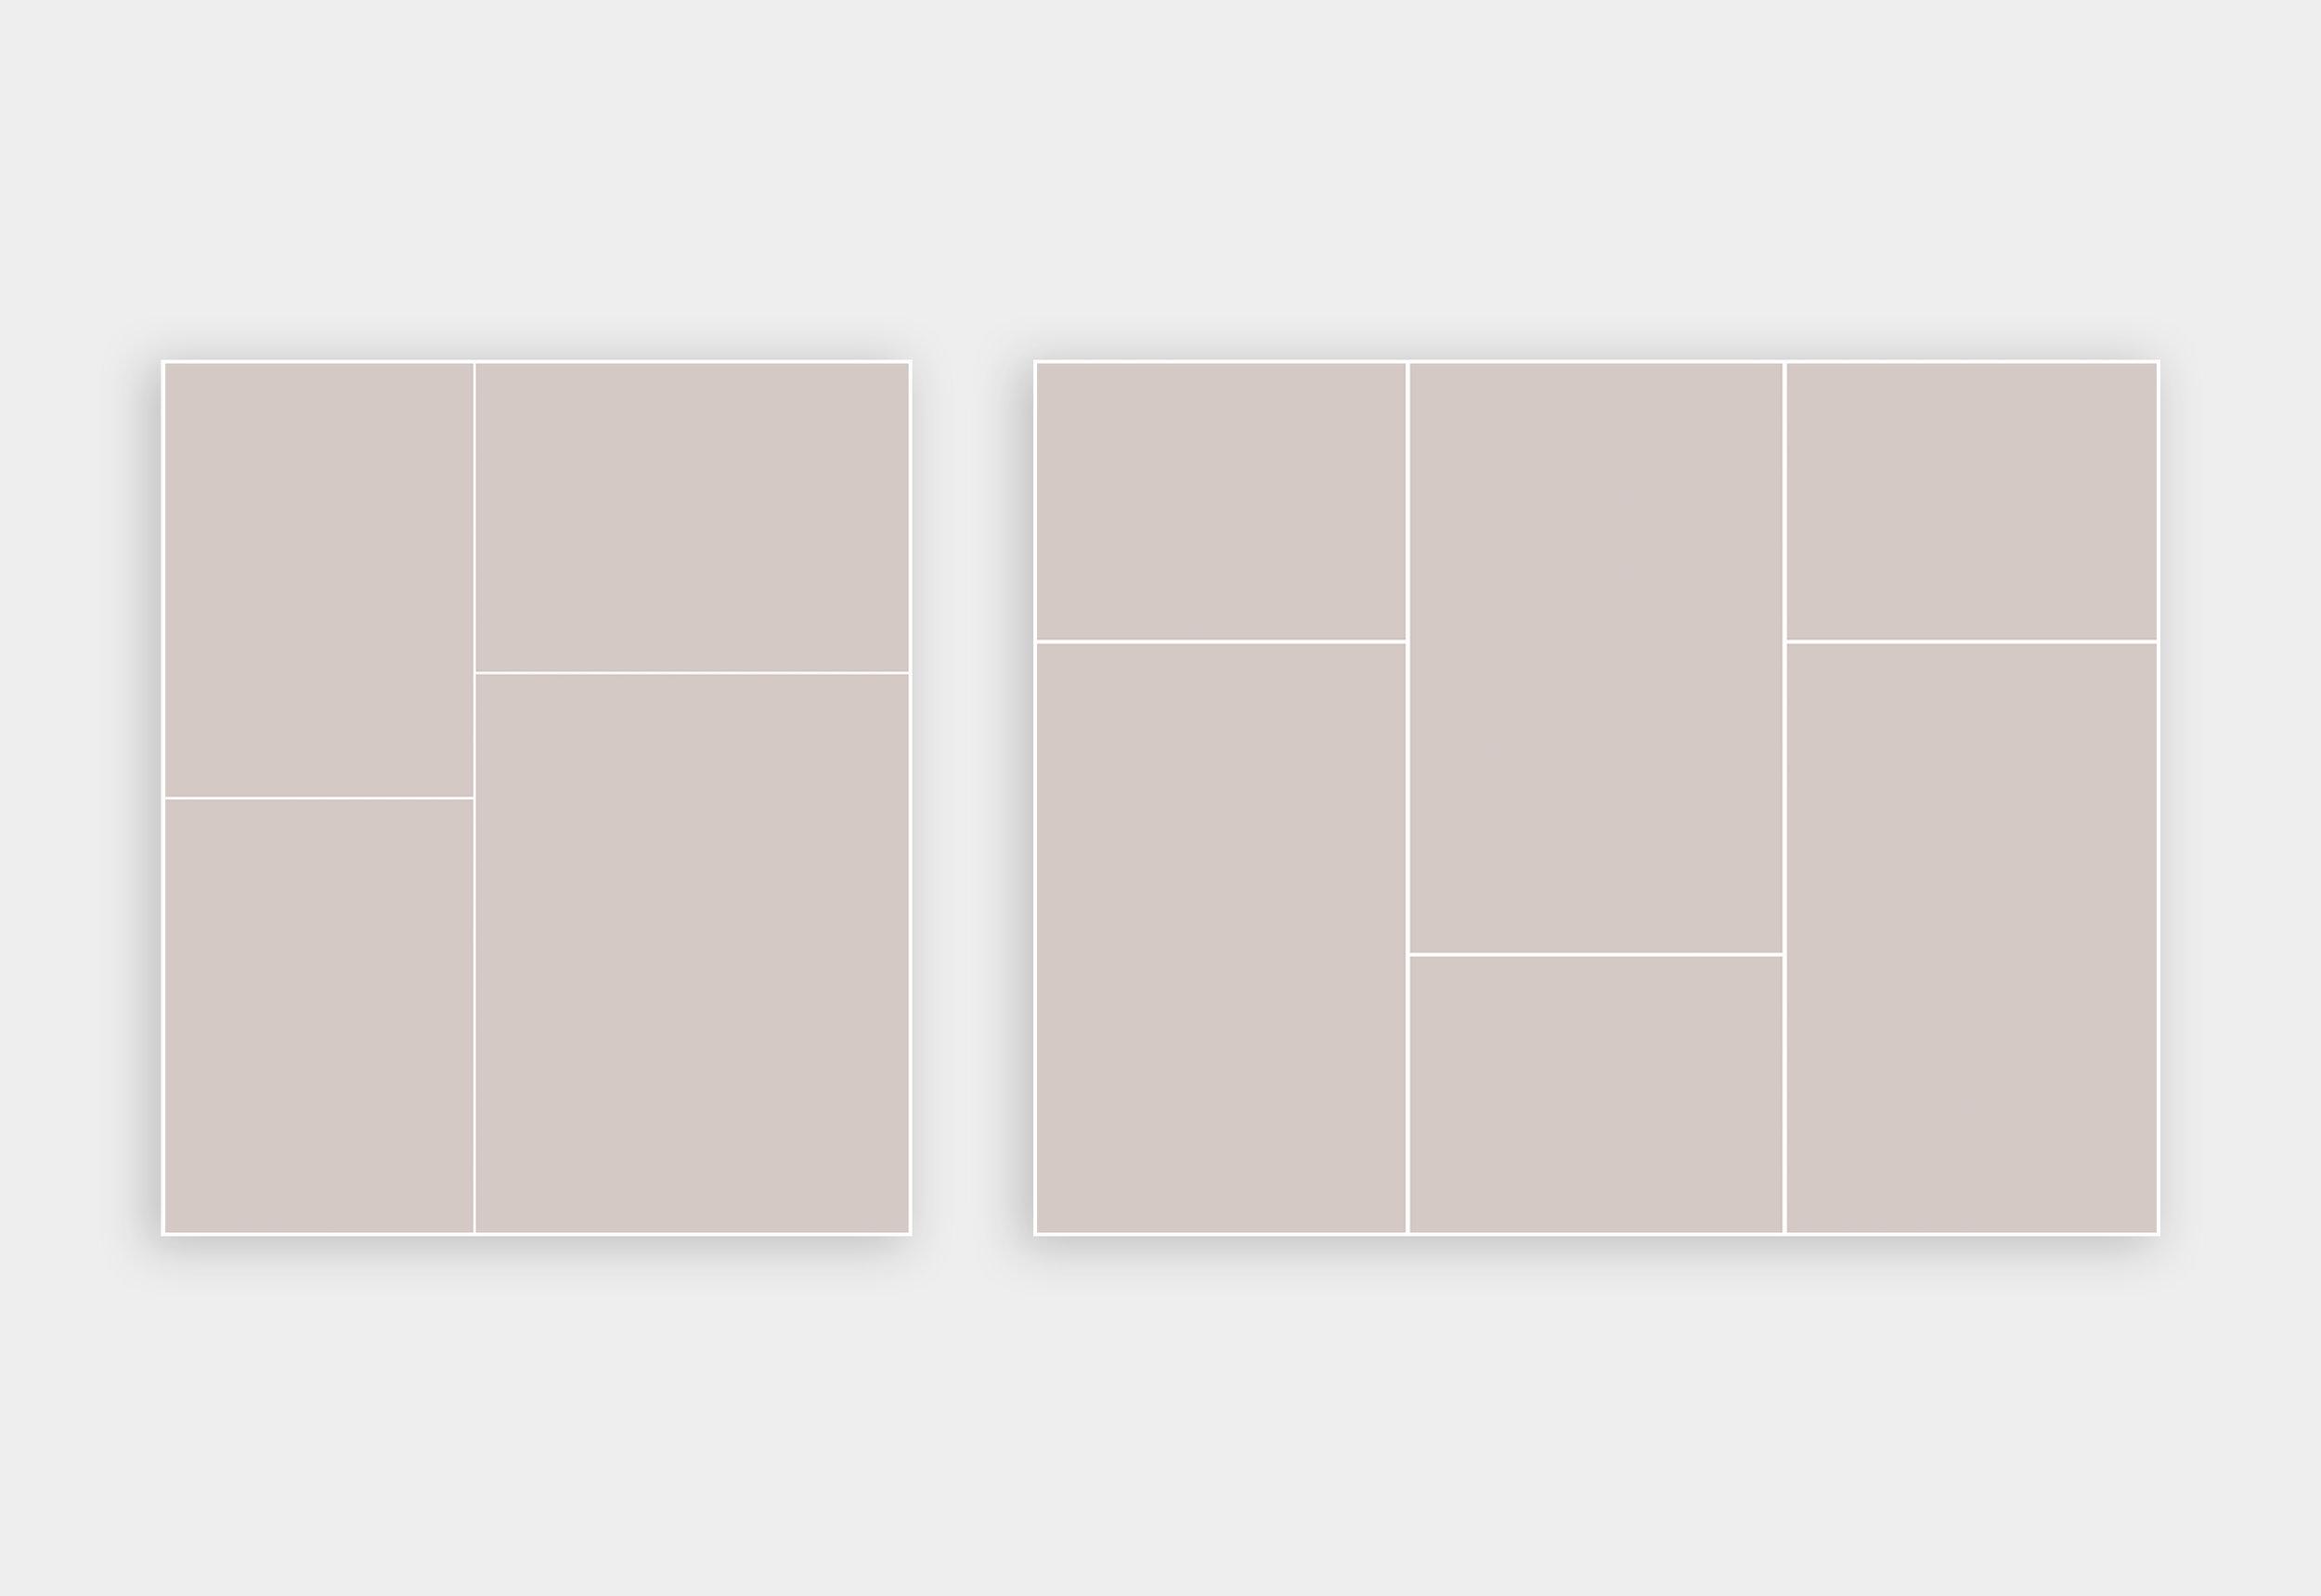 Desktop-TwoGrids-1.jpg